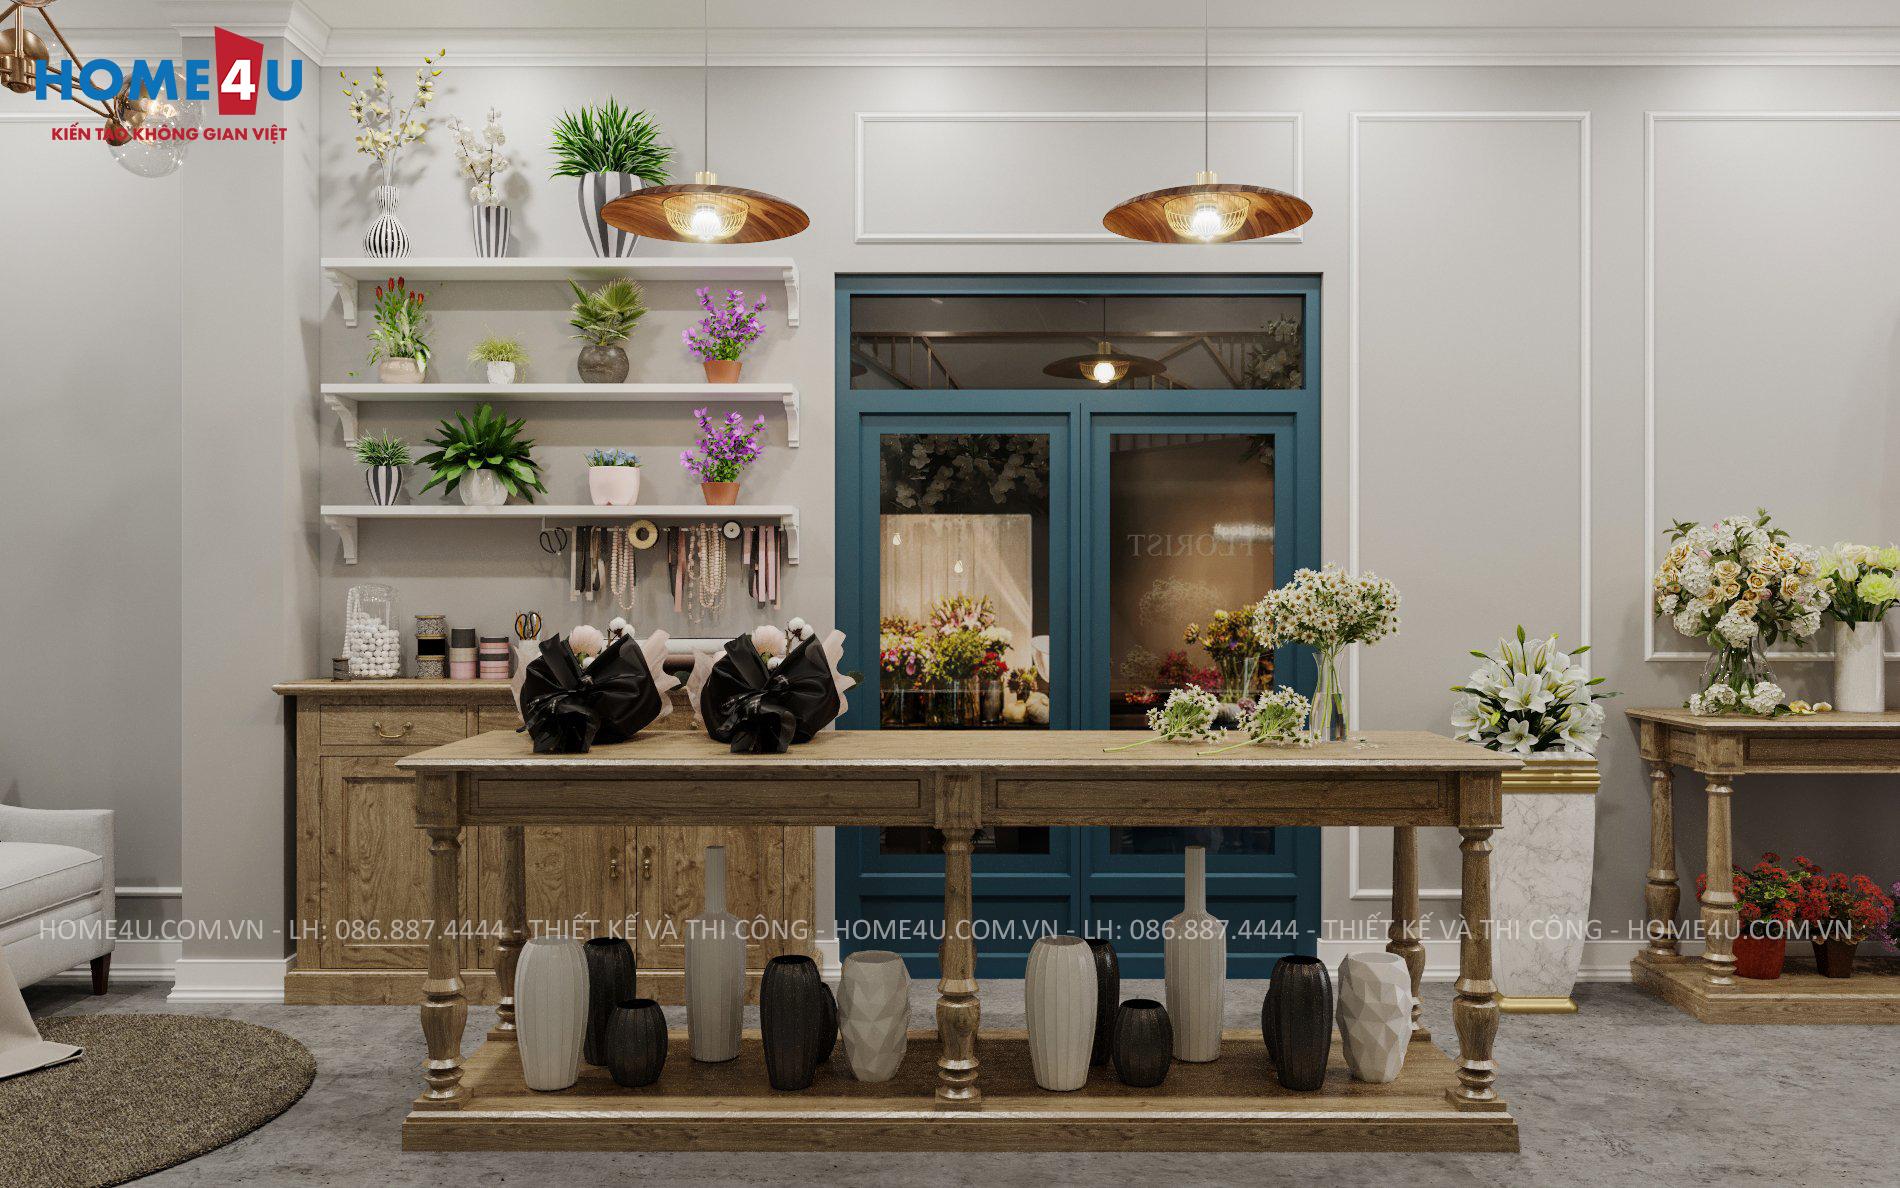 Thiết kế nội thất shop hoa tươi Mr.Tân - NTCH2006